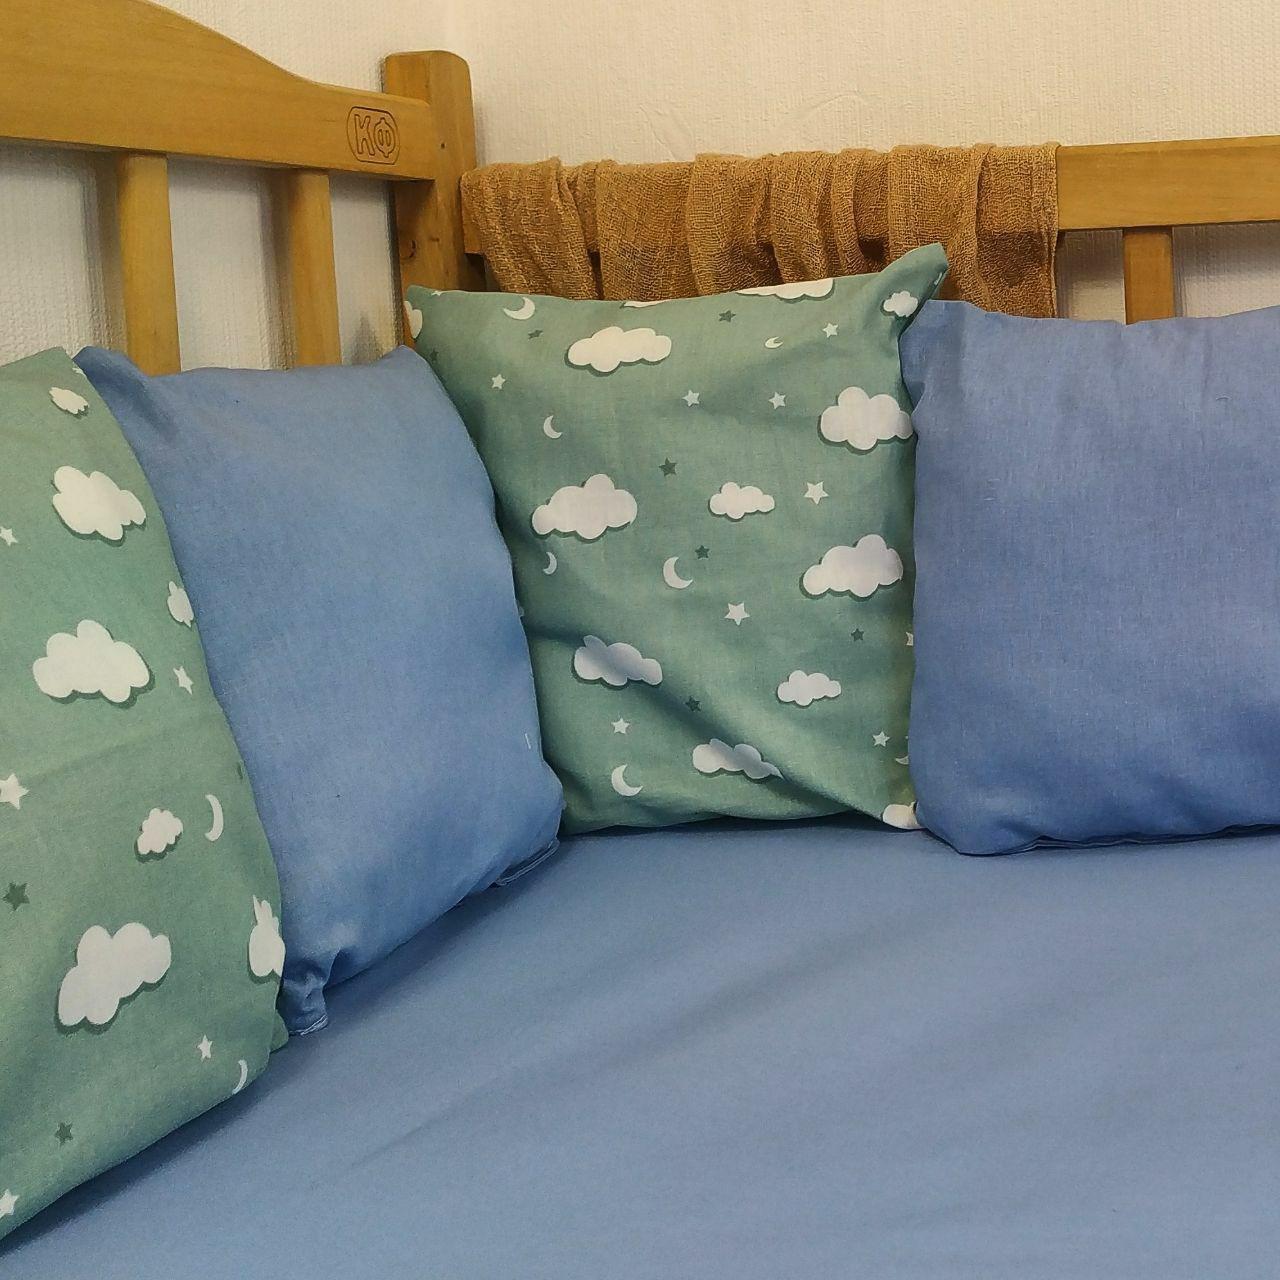 Бортики в детскую кровать на 3 стороны   Бортики в дитяче ліжко на 3 сторони 3 стороны ( 9шт ), Котон+Т-Зеленая туча